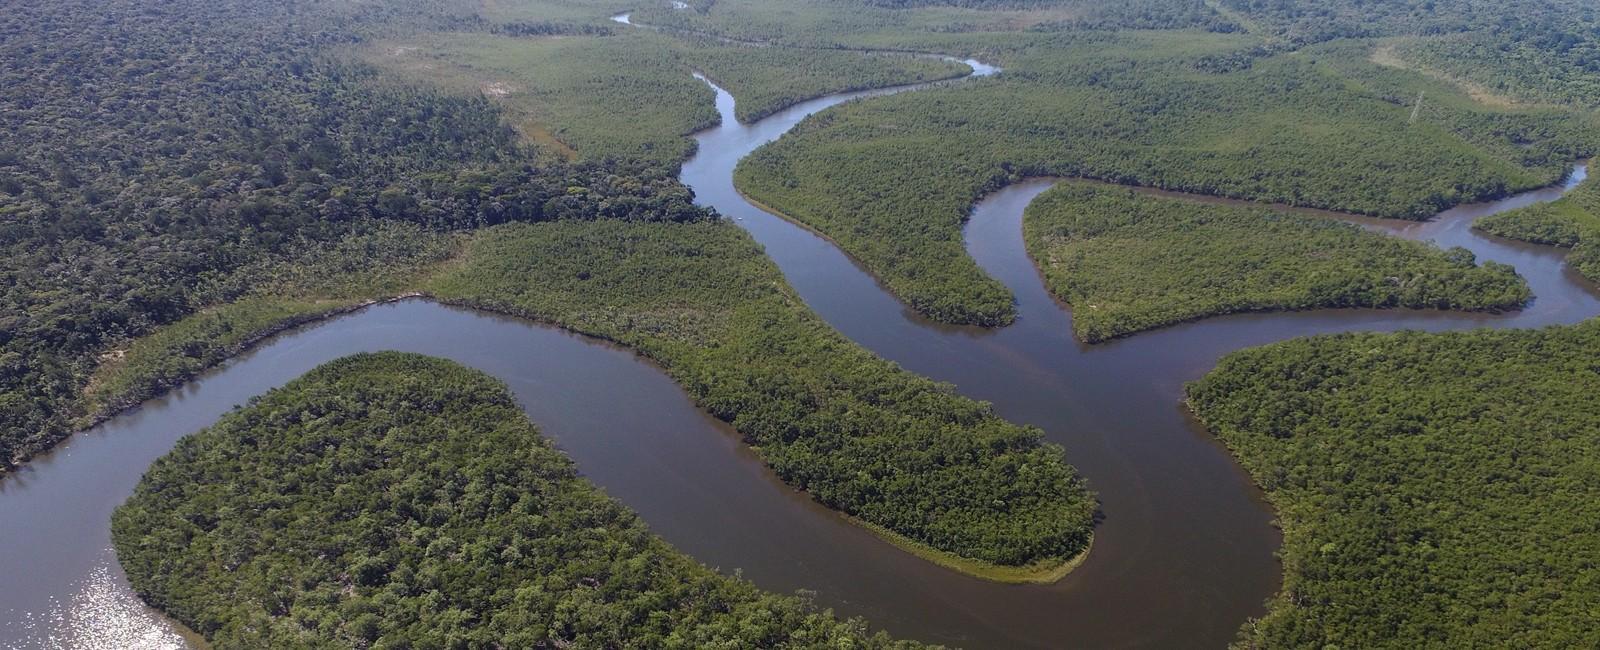 recurso-biodiversidad-rio